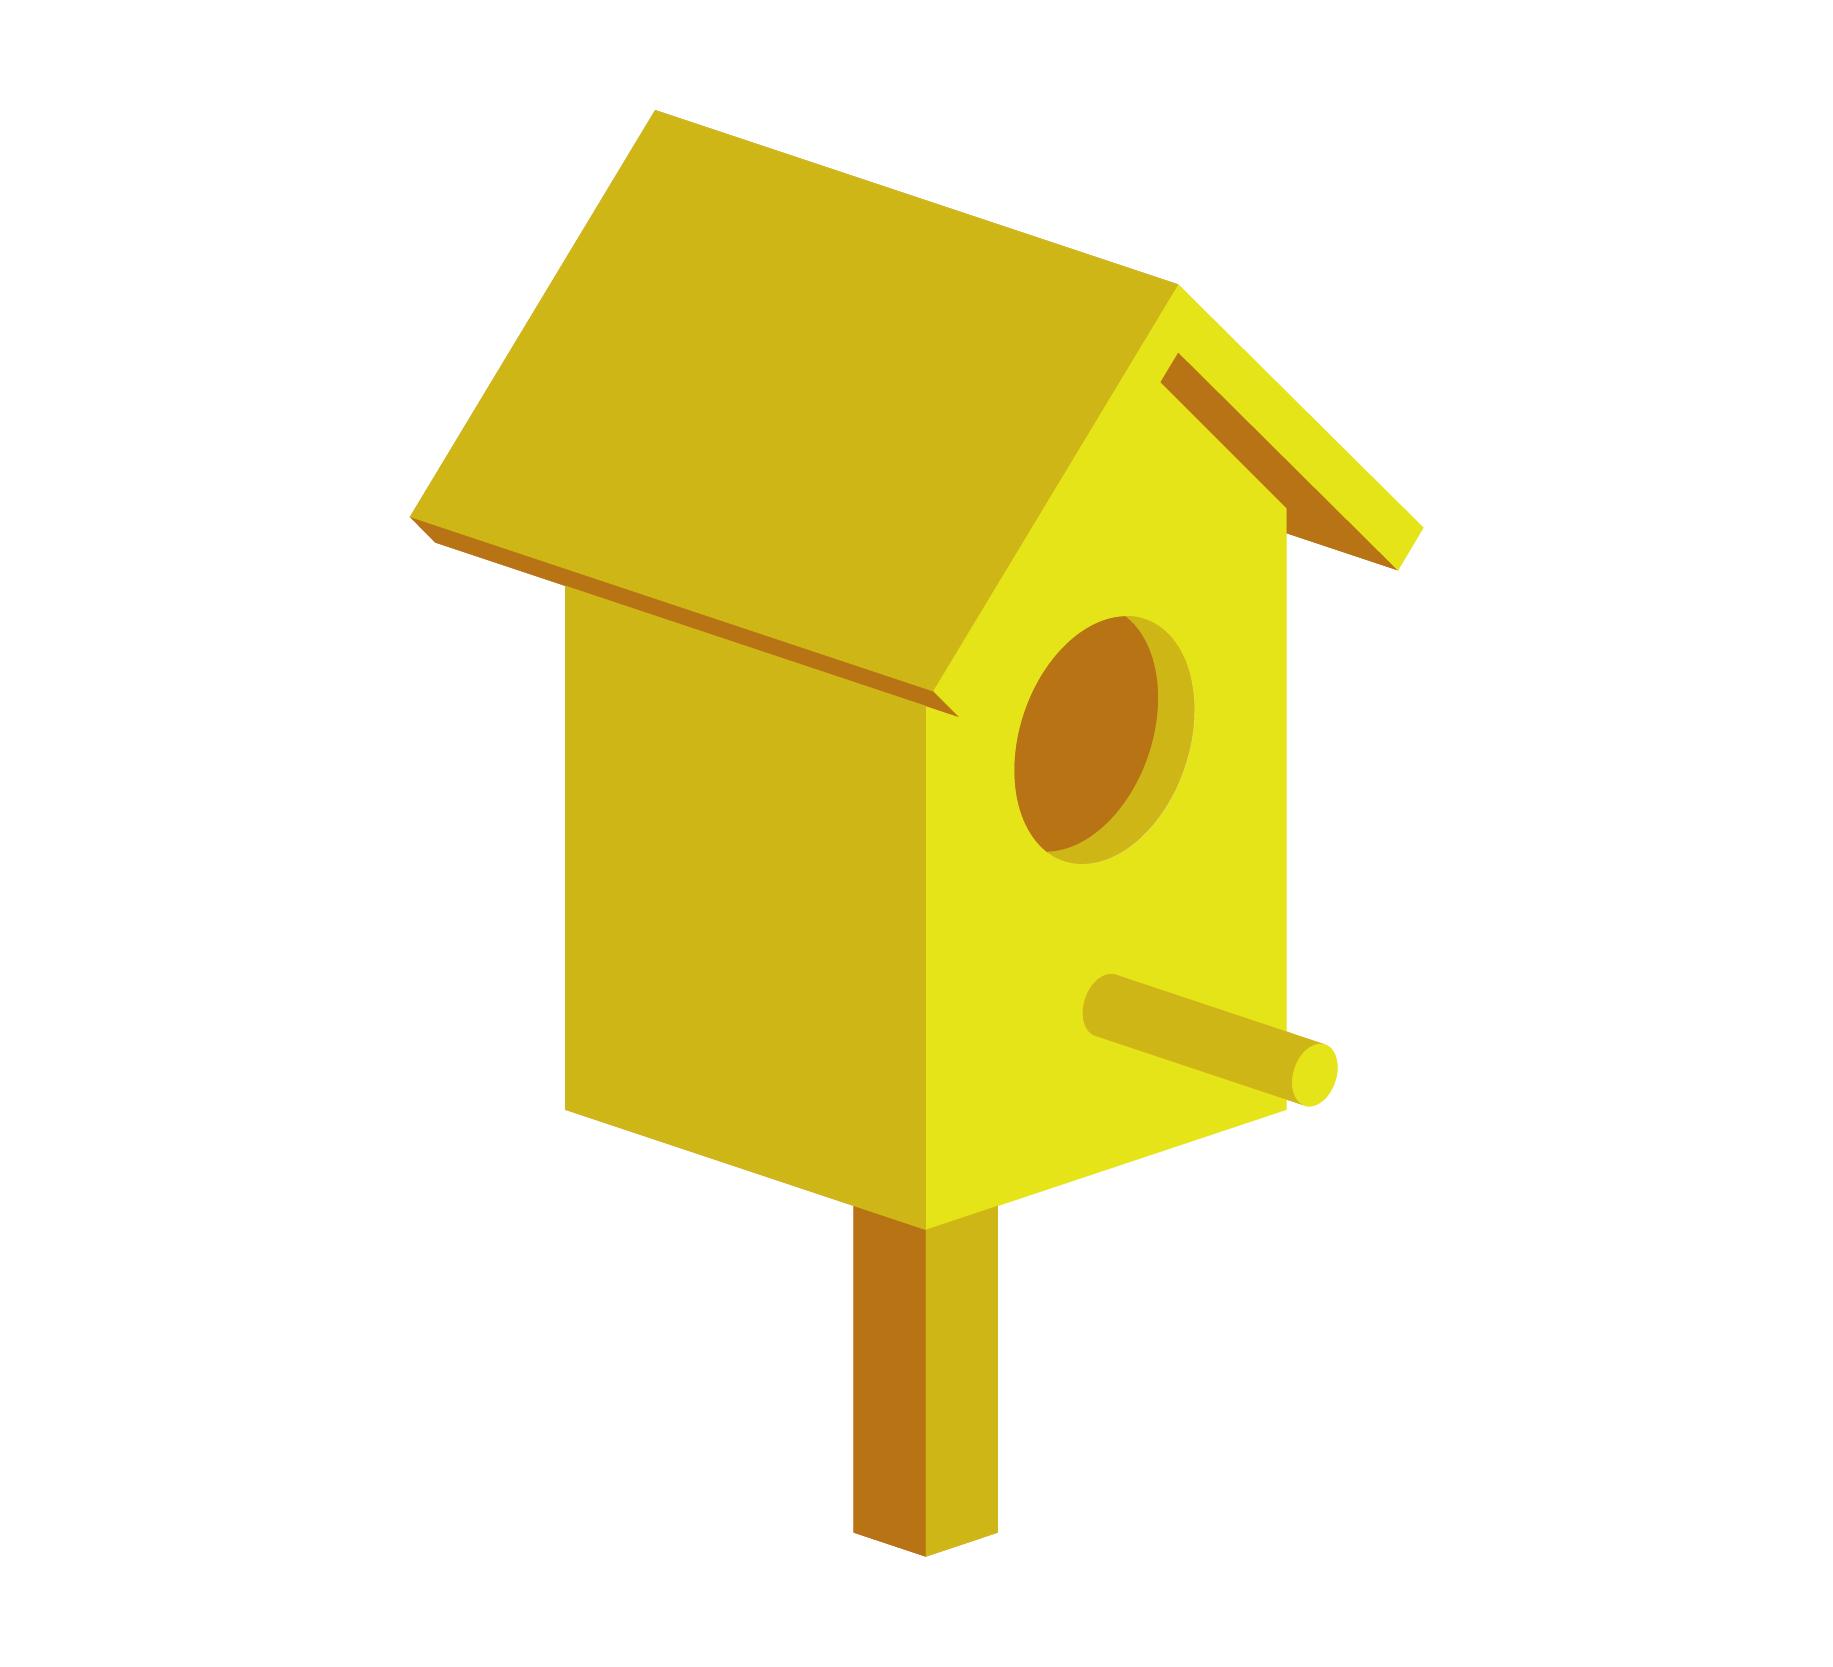 birdbox animation again-01.jpg